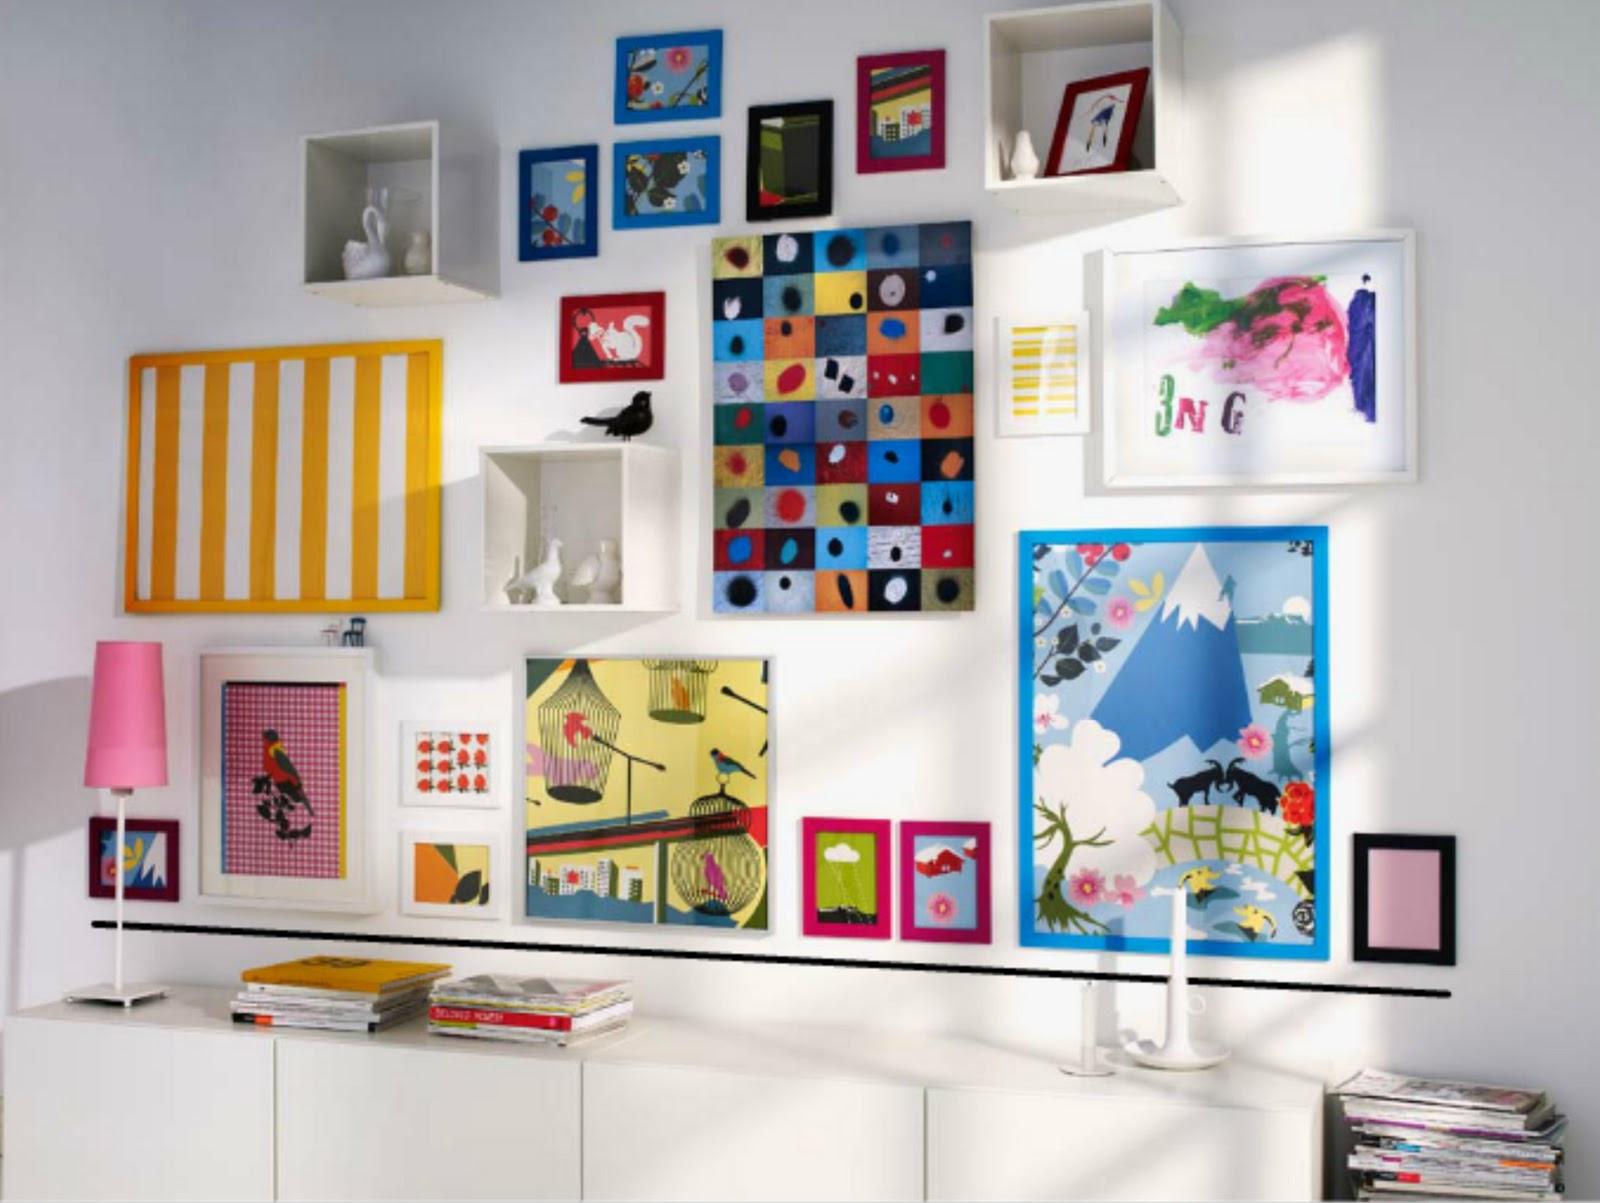 Ikea te ense a c mo colgar los cuadros en las paredes te lo decoro todo - Marcos cuadros ikea ...